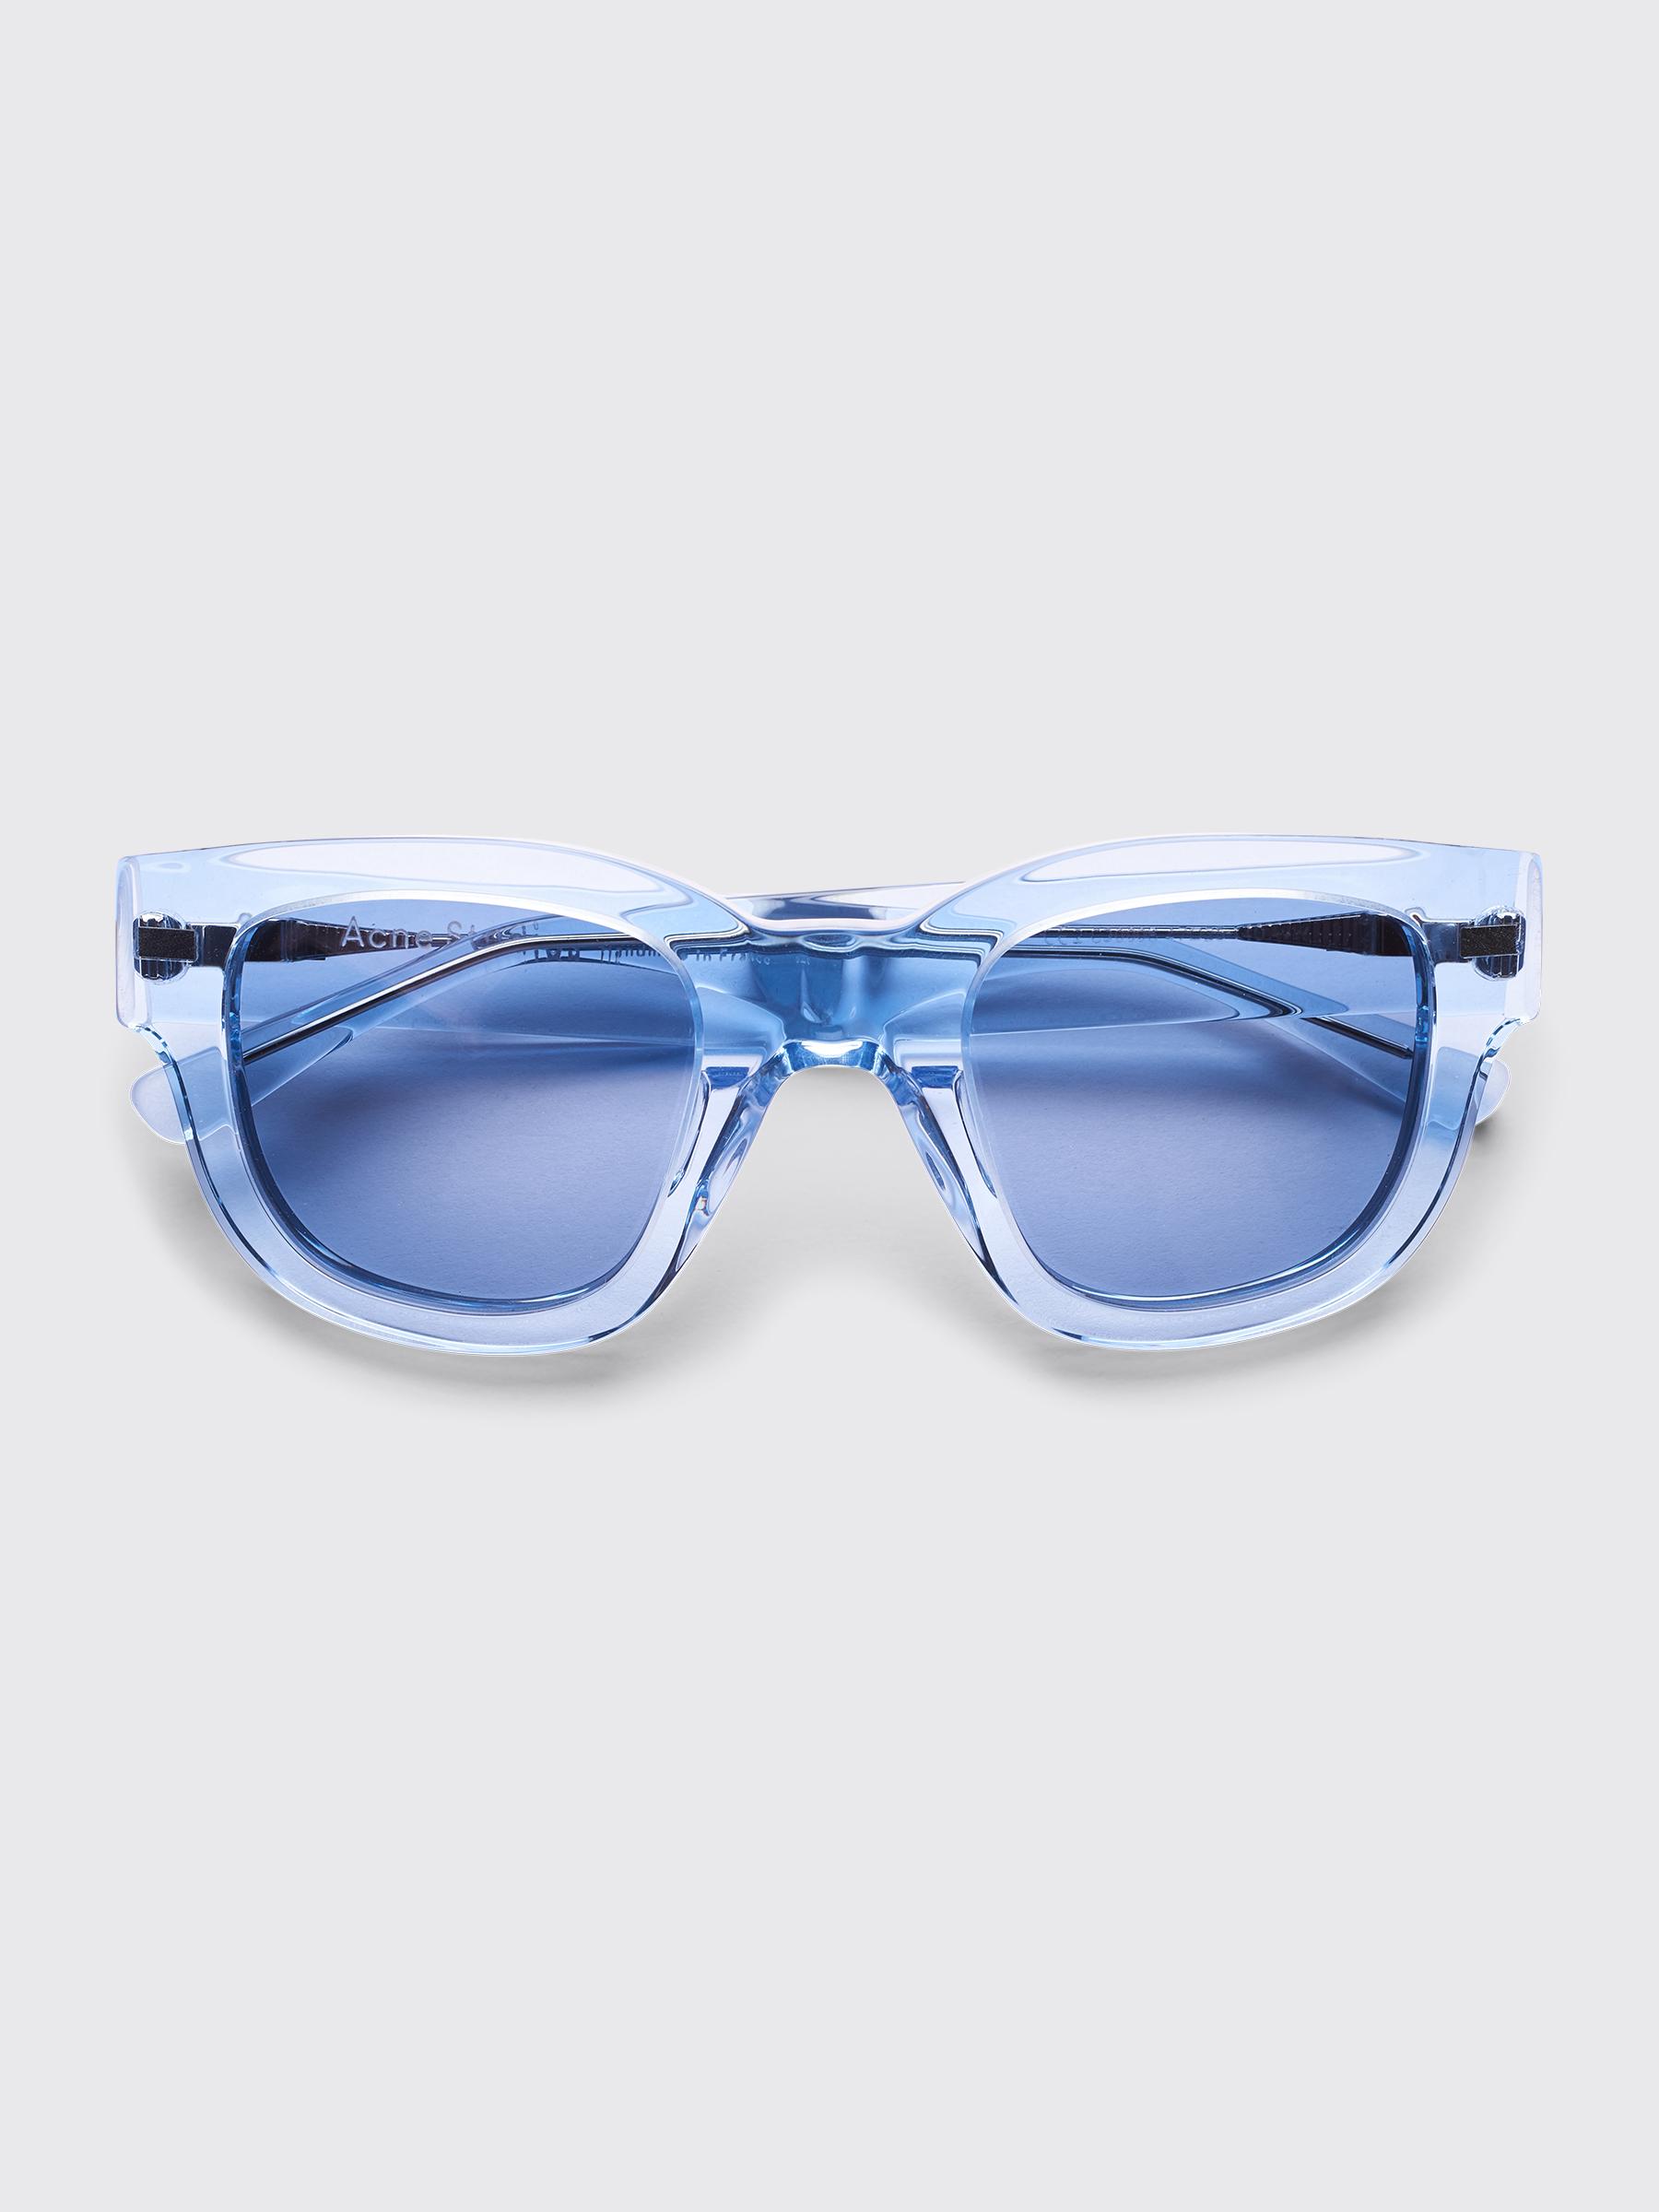 794378d1f4 Très Bien - Acne Studios Frame Sunglasses Light Blue   Aqua